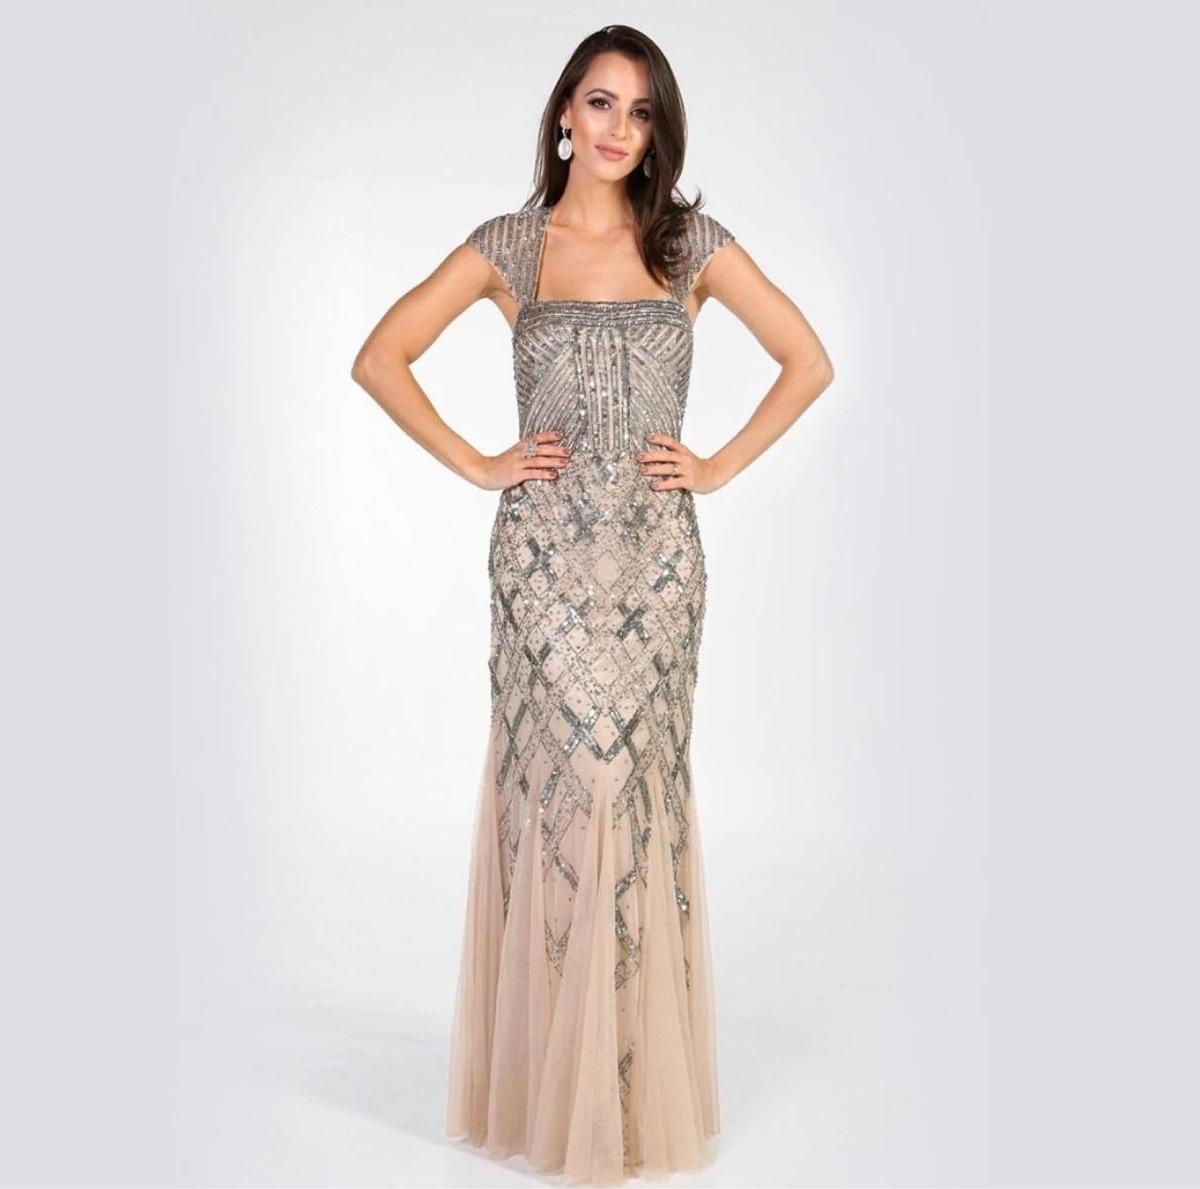 d6563886f Vestido Adrianna Papell - R$ 1.000,00 em Mercado Livre